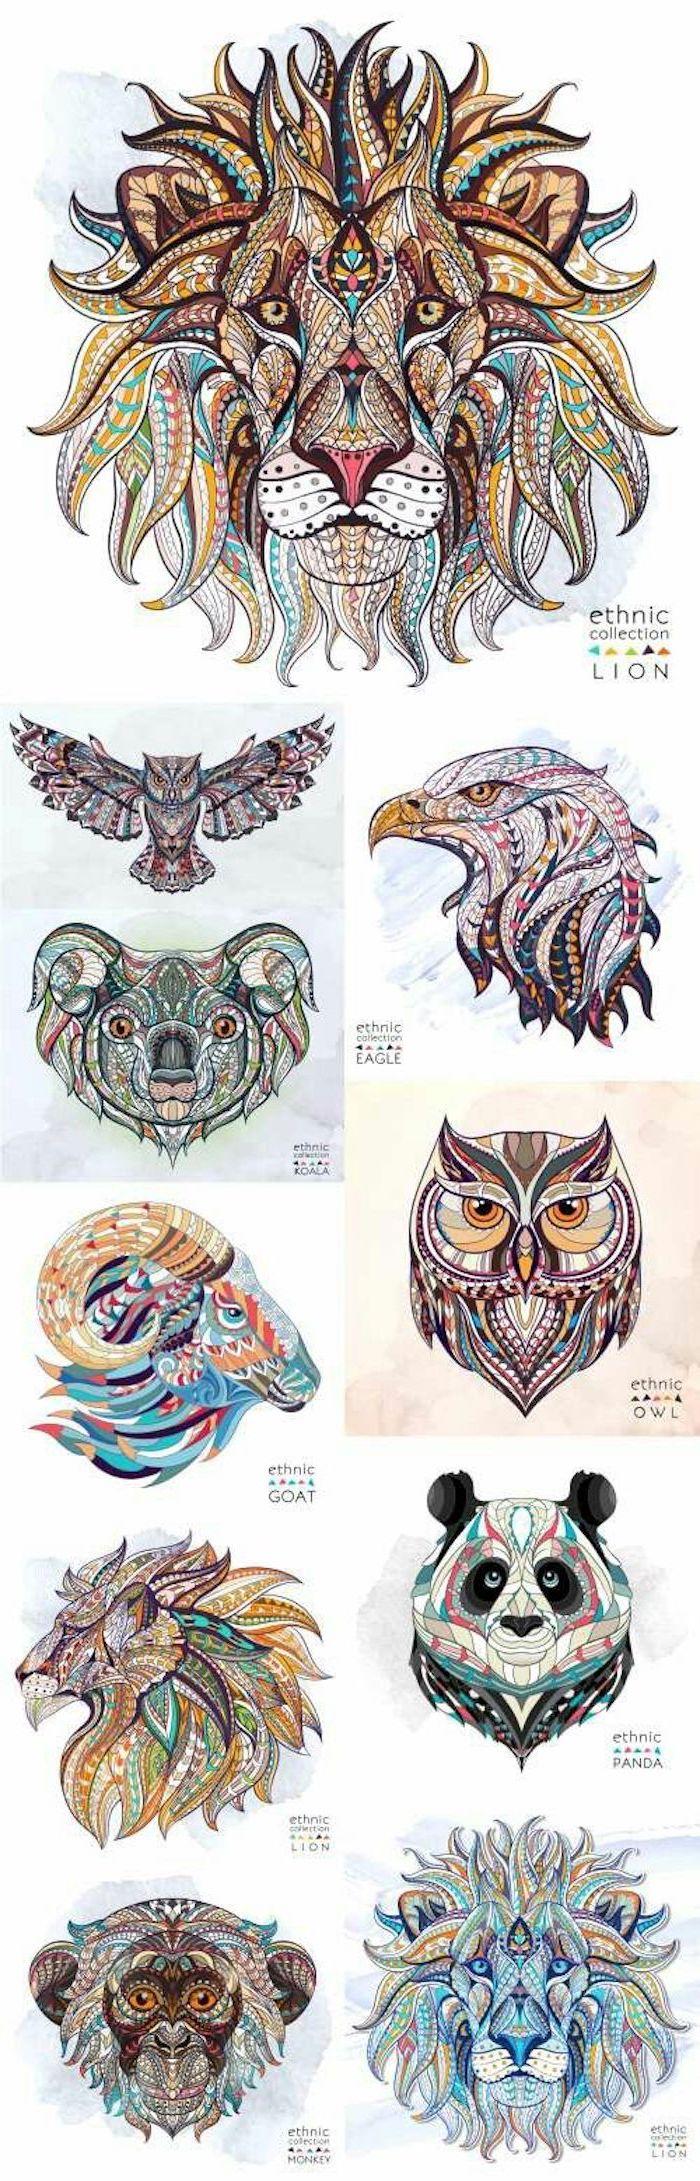 qué significan los tatuajes de animales, tattoo diseños con animales, preciosos ejemplos de tatuajes geométricos con animales